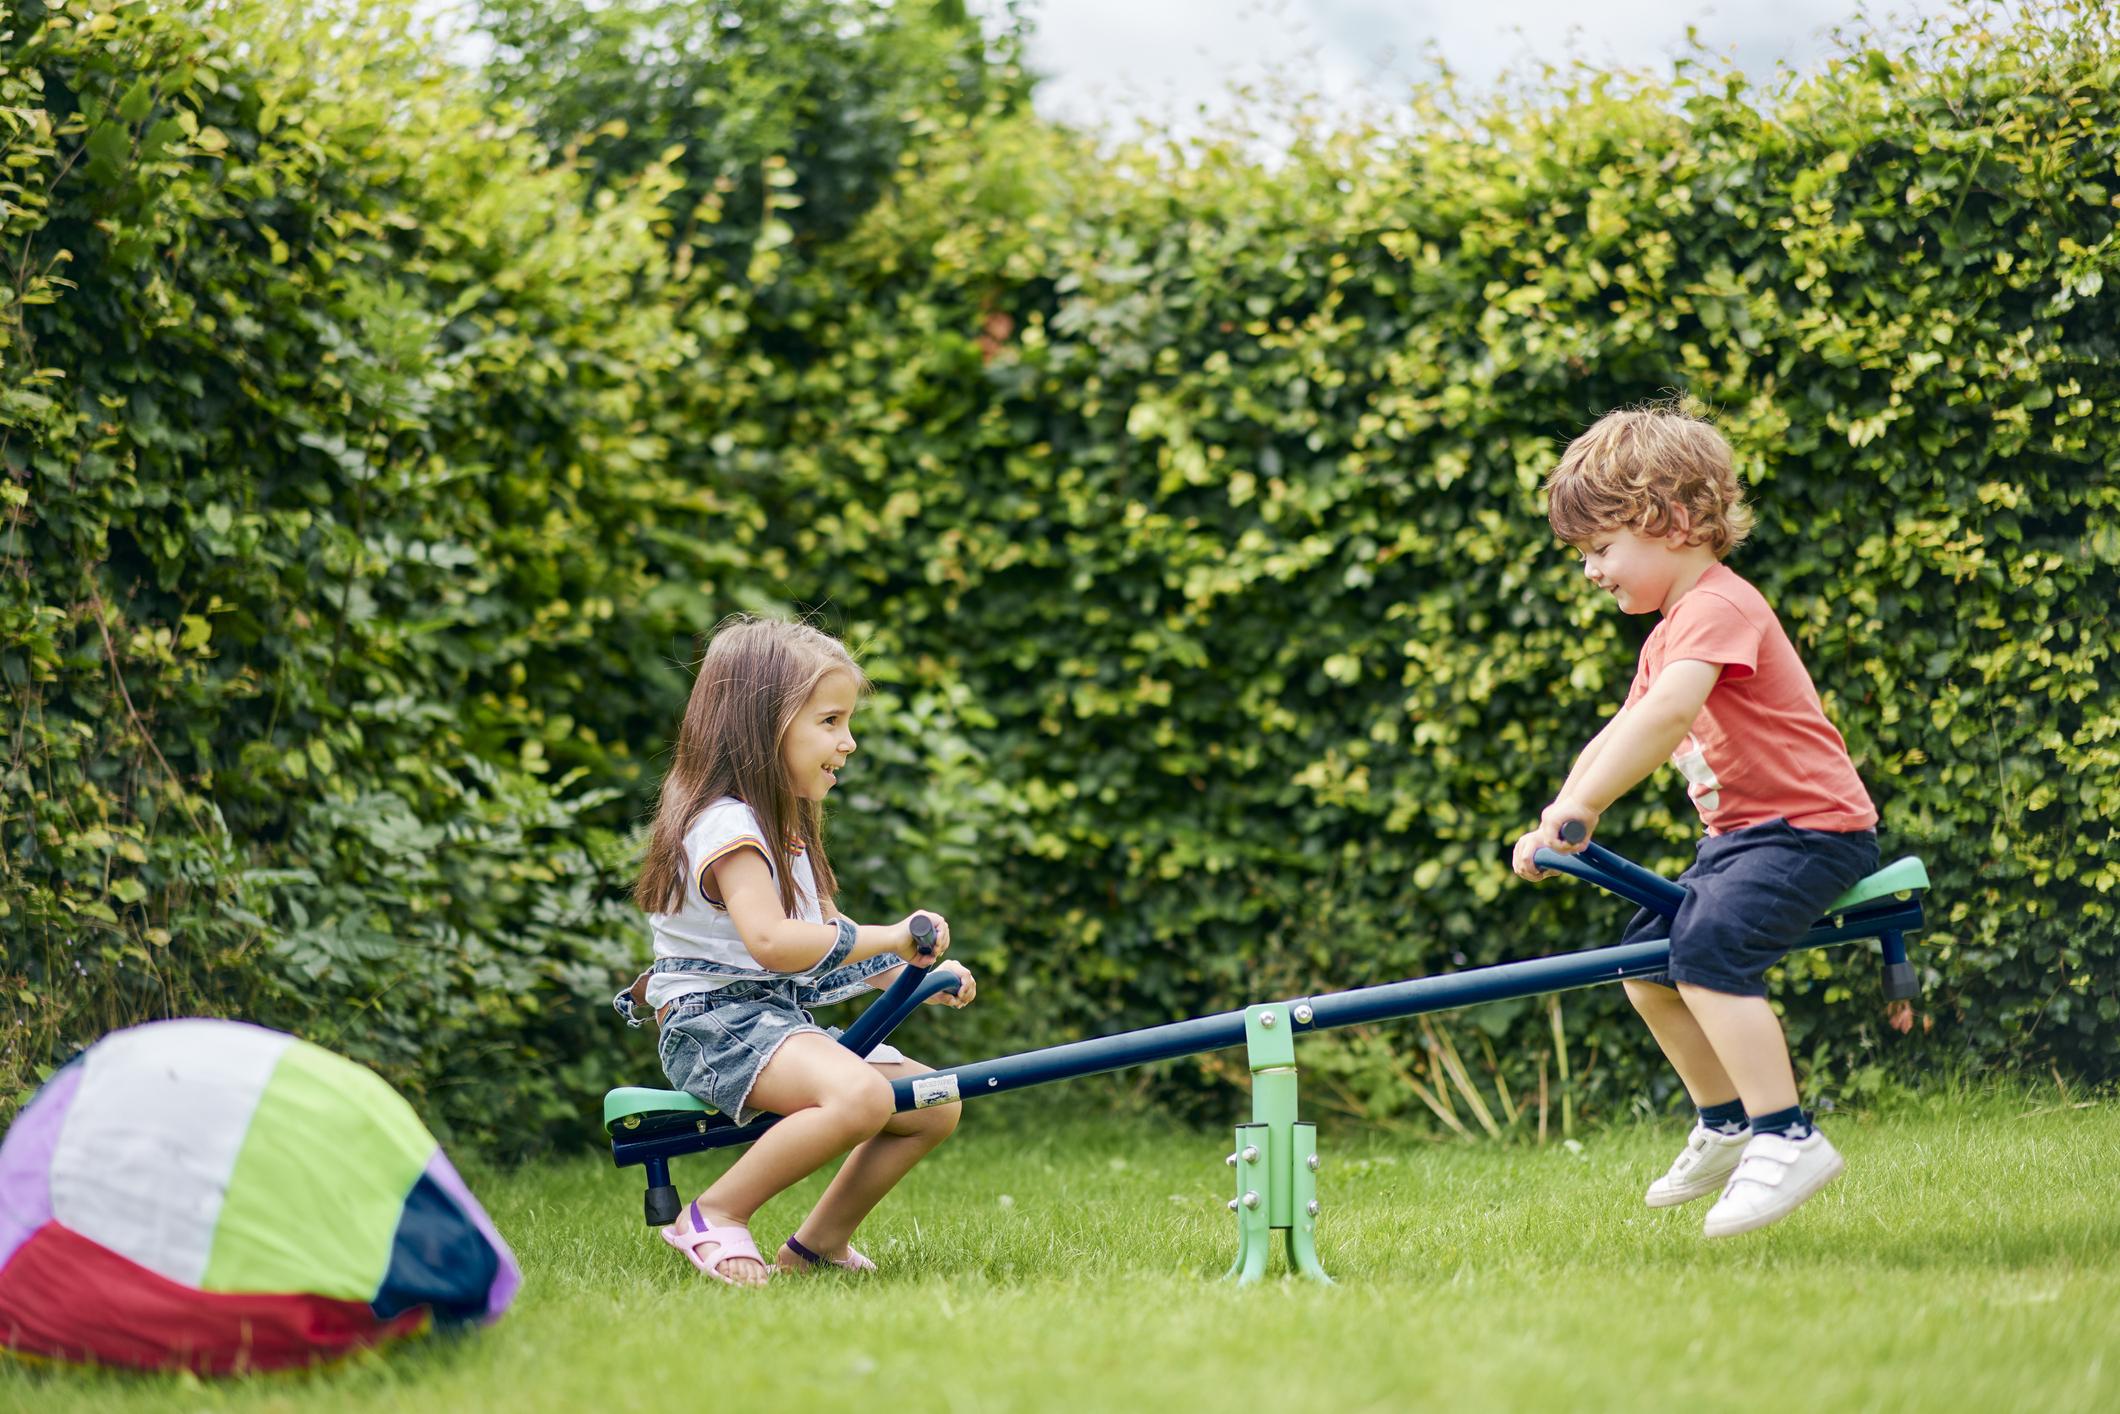 Enfants de quatre ans jouant ensemble dans le jardin